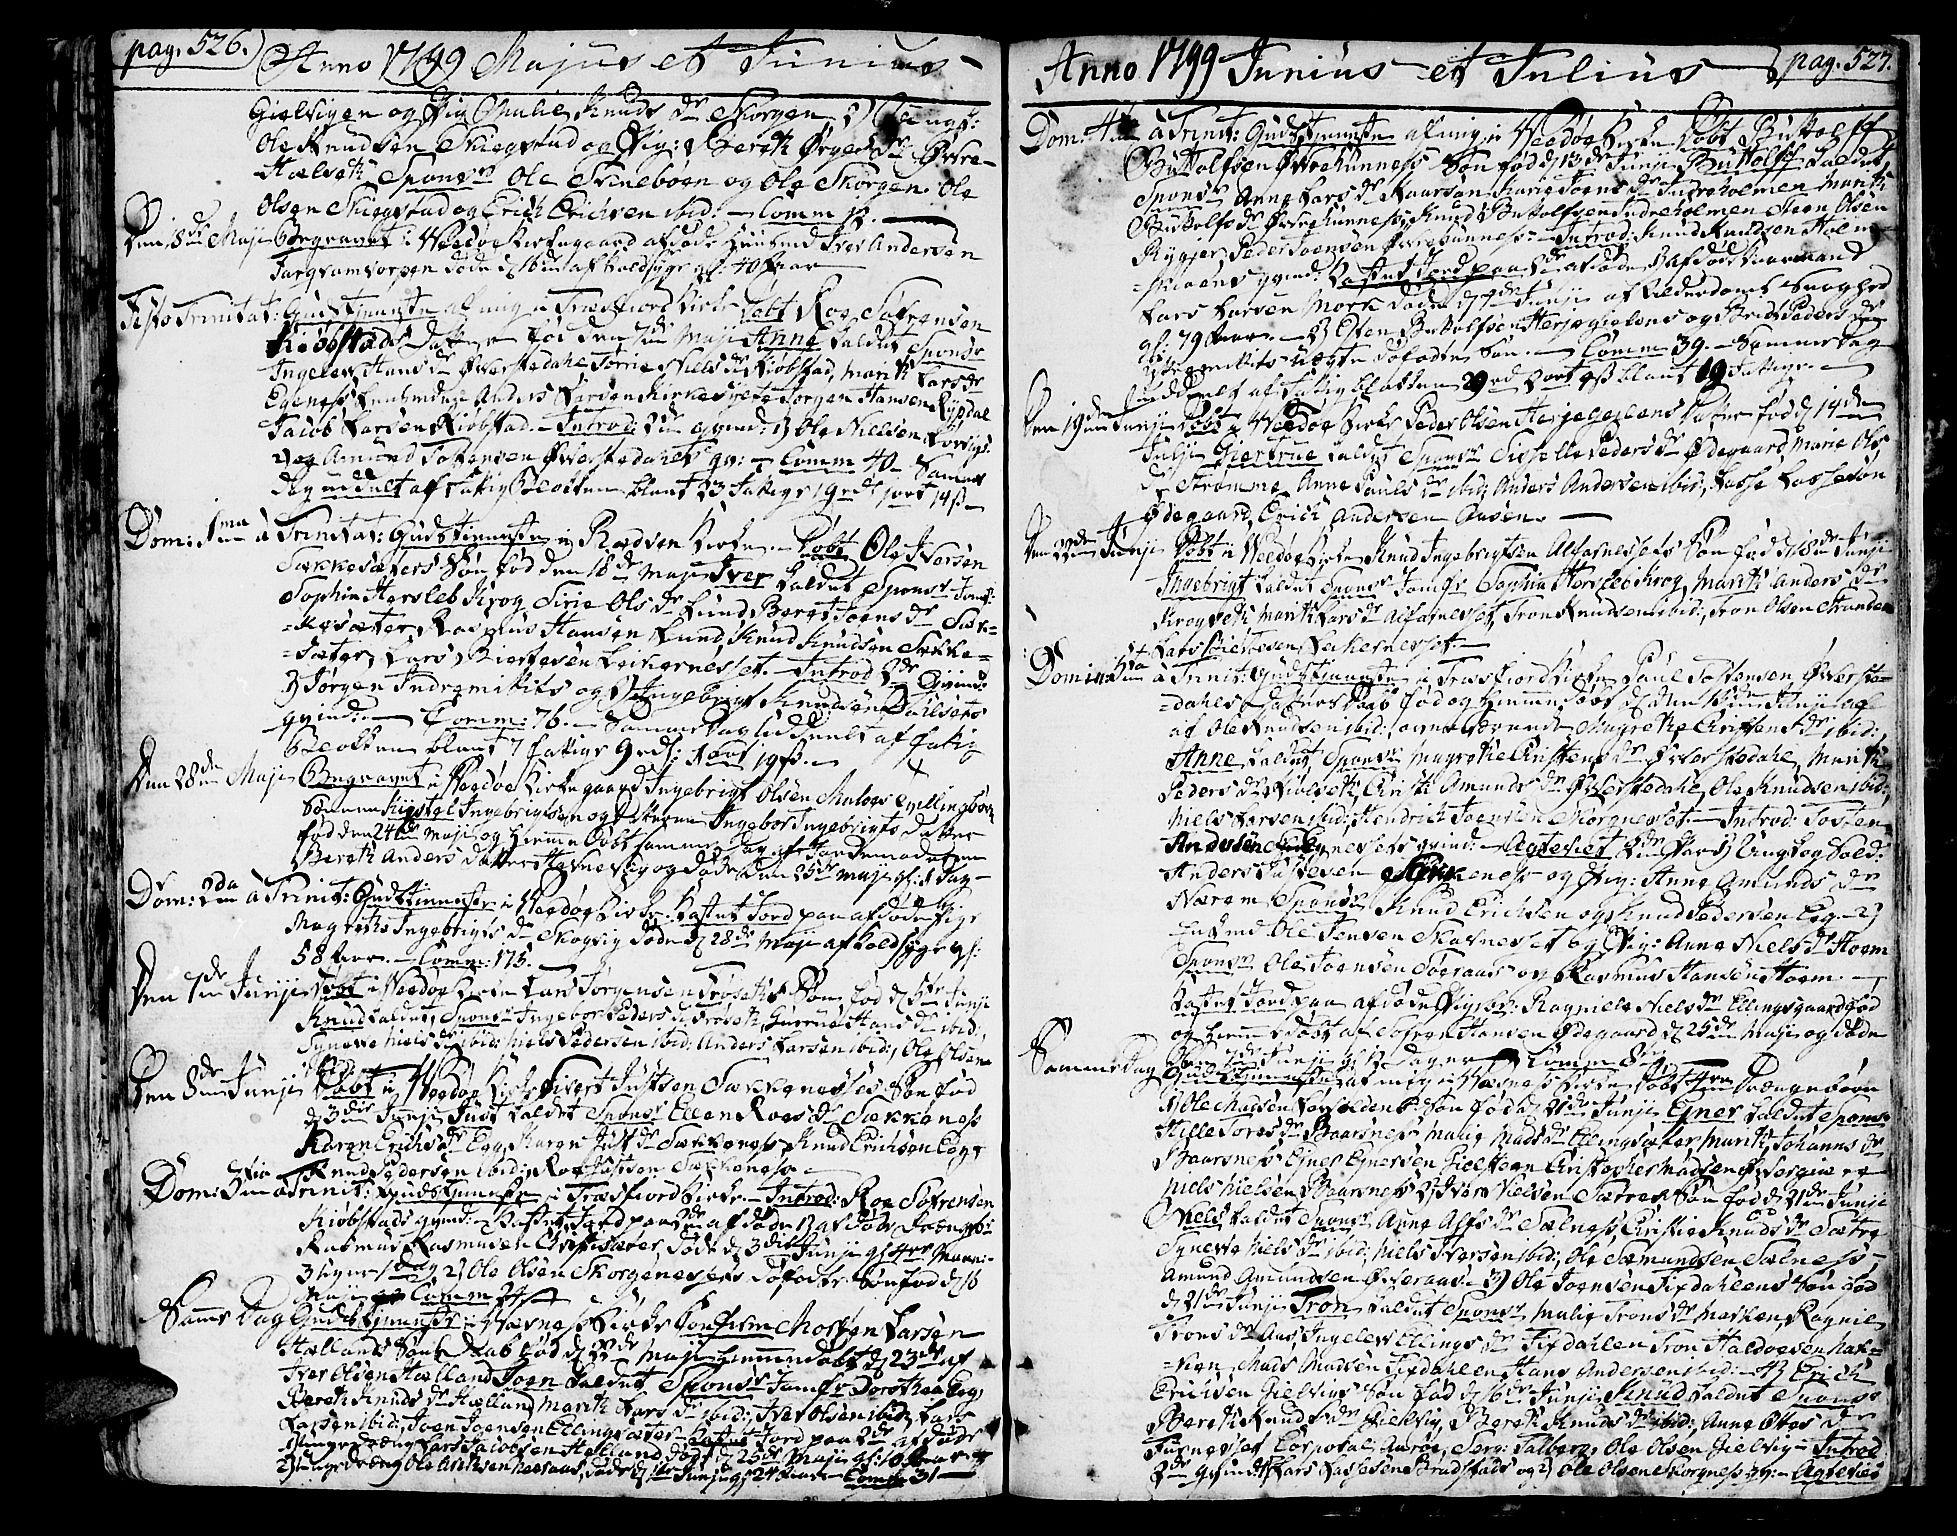 SAT, Ministerialprotokoller, klokkerbøker og fødselsregistre - Møre og Romsdal, 547/L0600: Parish register (official) no. 547A02, 1765-1799, p. 526-527